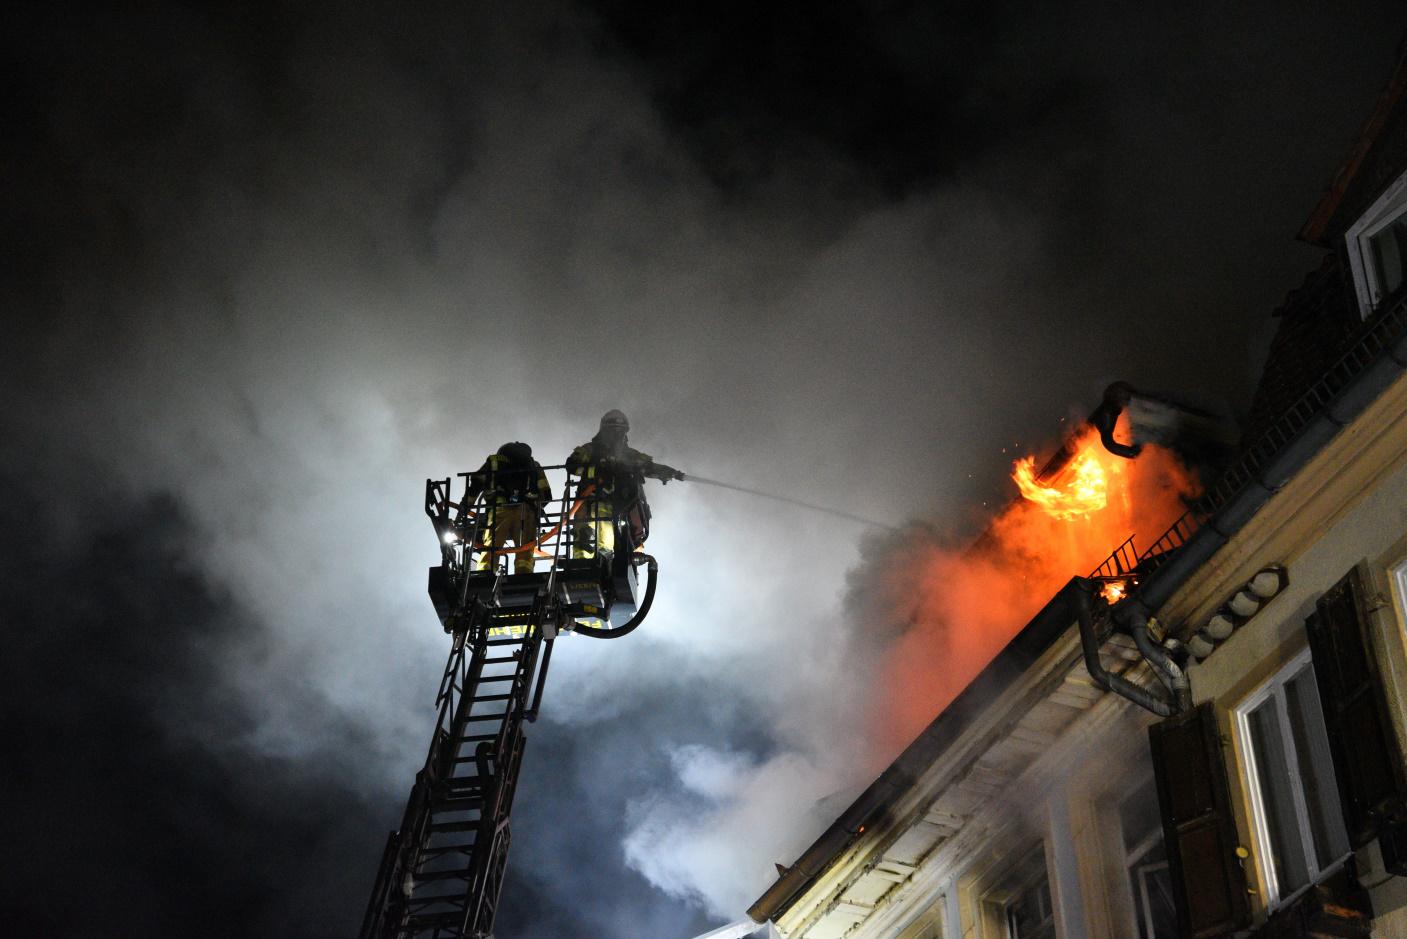 Heidelberg: Brand in der Altstadt - Feuerwehr im Großeinsatz